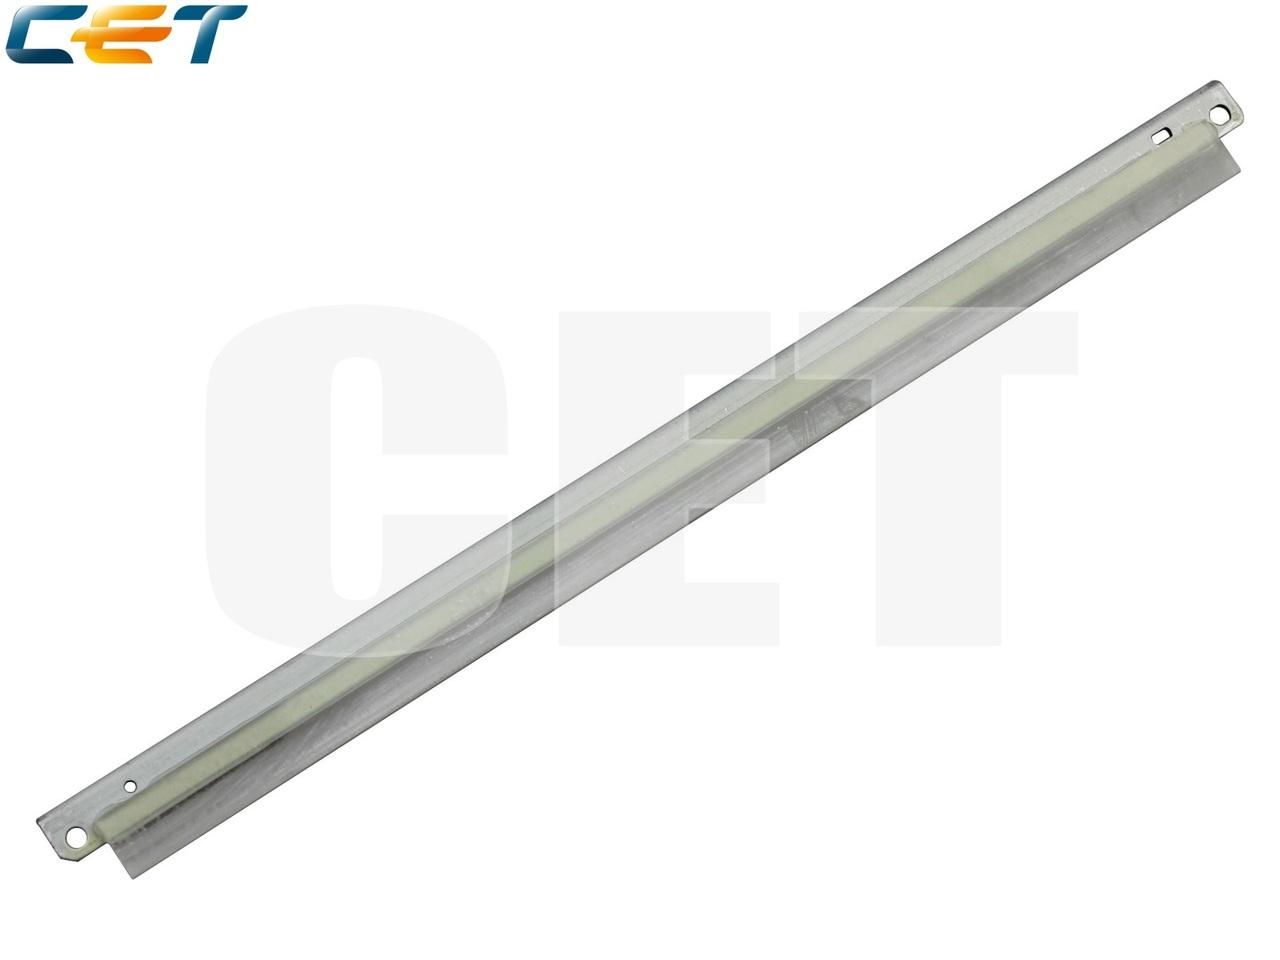 Ракель для KYOCERAFS-1028/1128MFP/1030MFP/1130MFP/1035MFP/1135MFP/1100/1300D (CET), CET8093